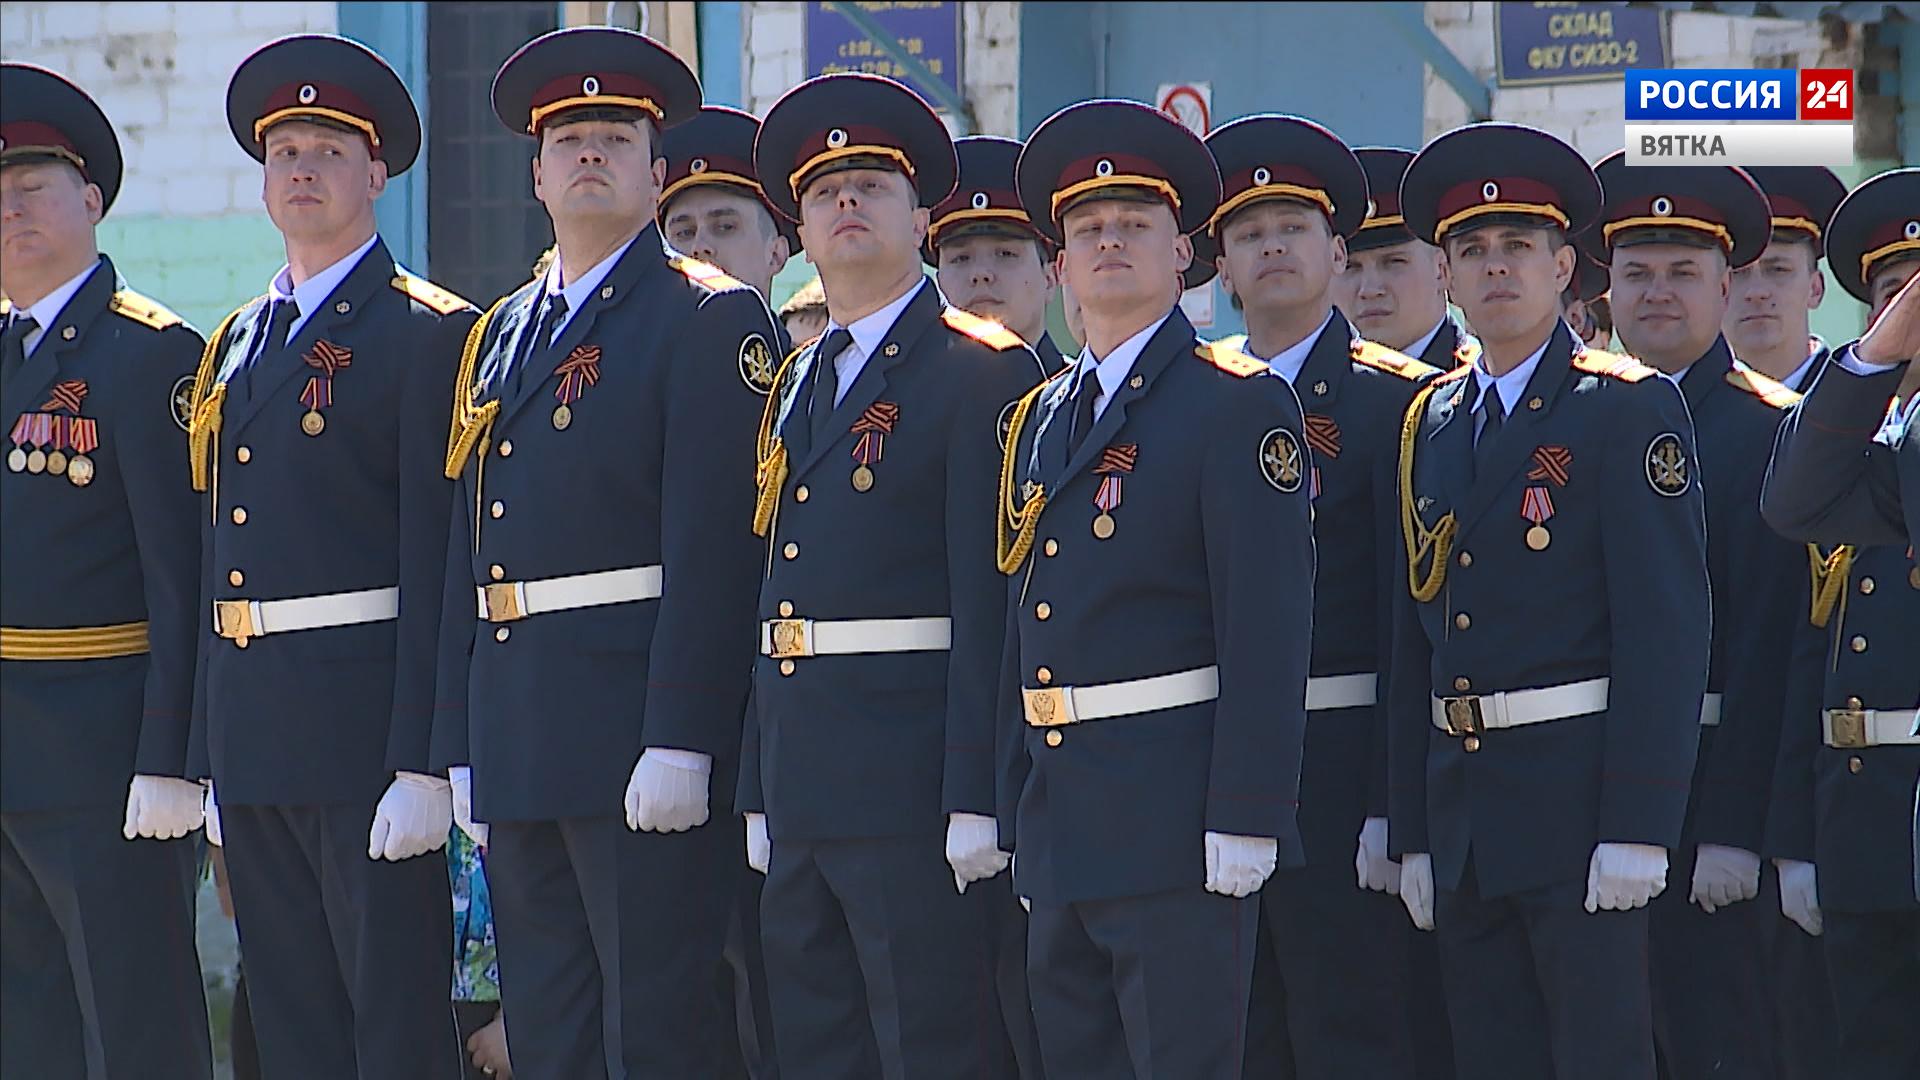 Сотрудники ФСИН провели парад Победы и смотр военной техники